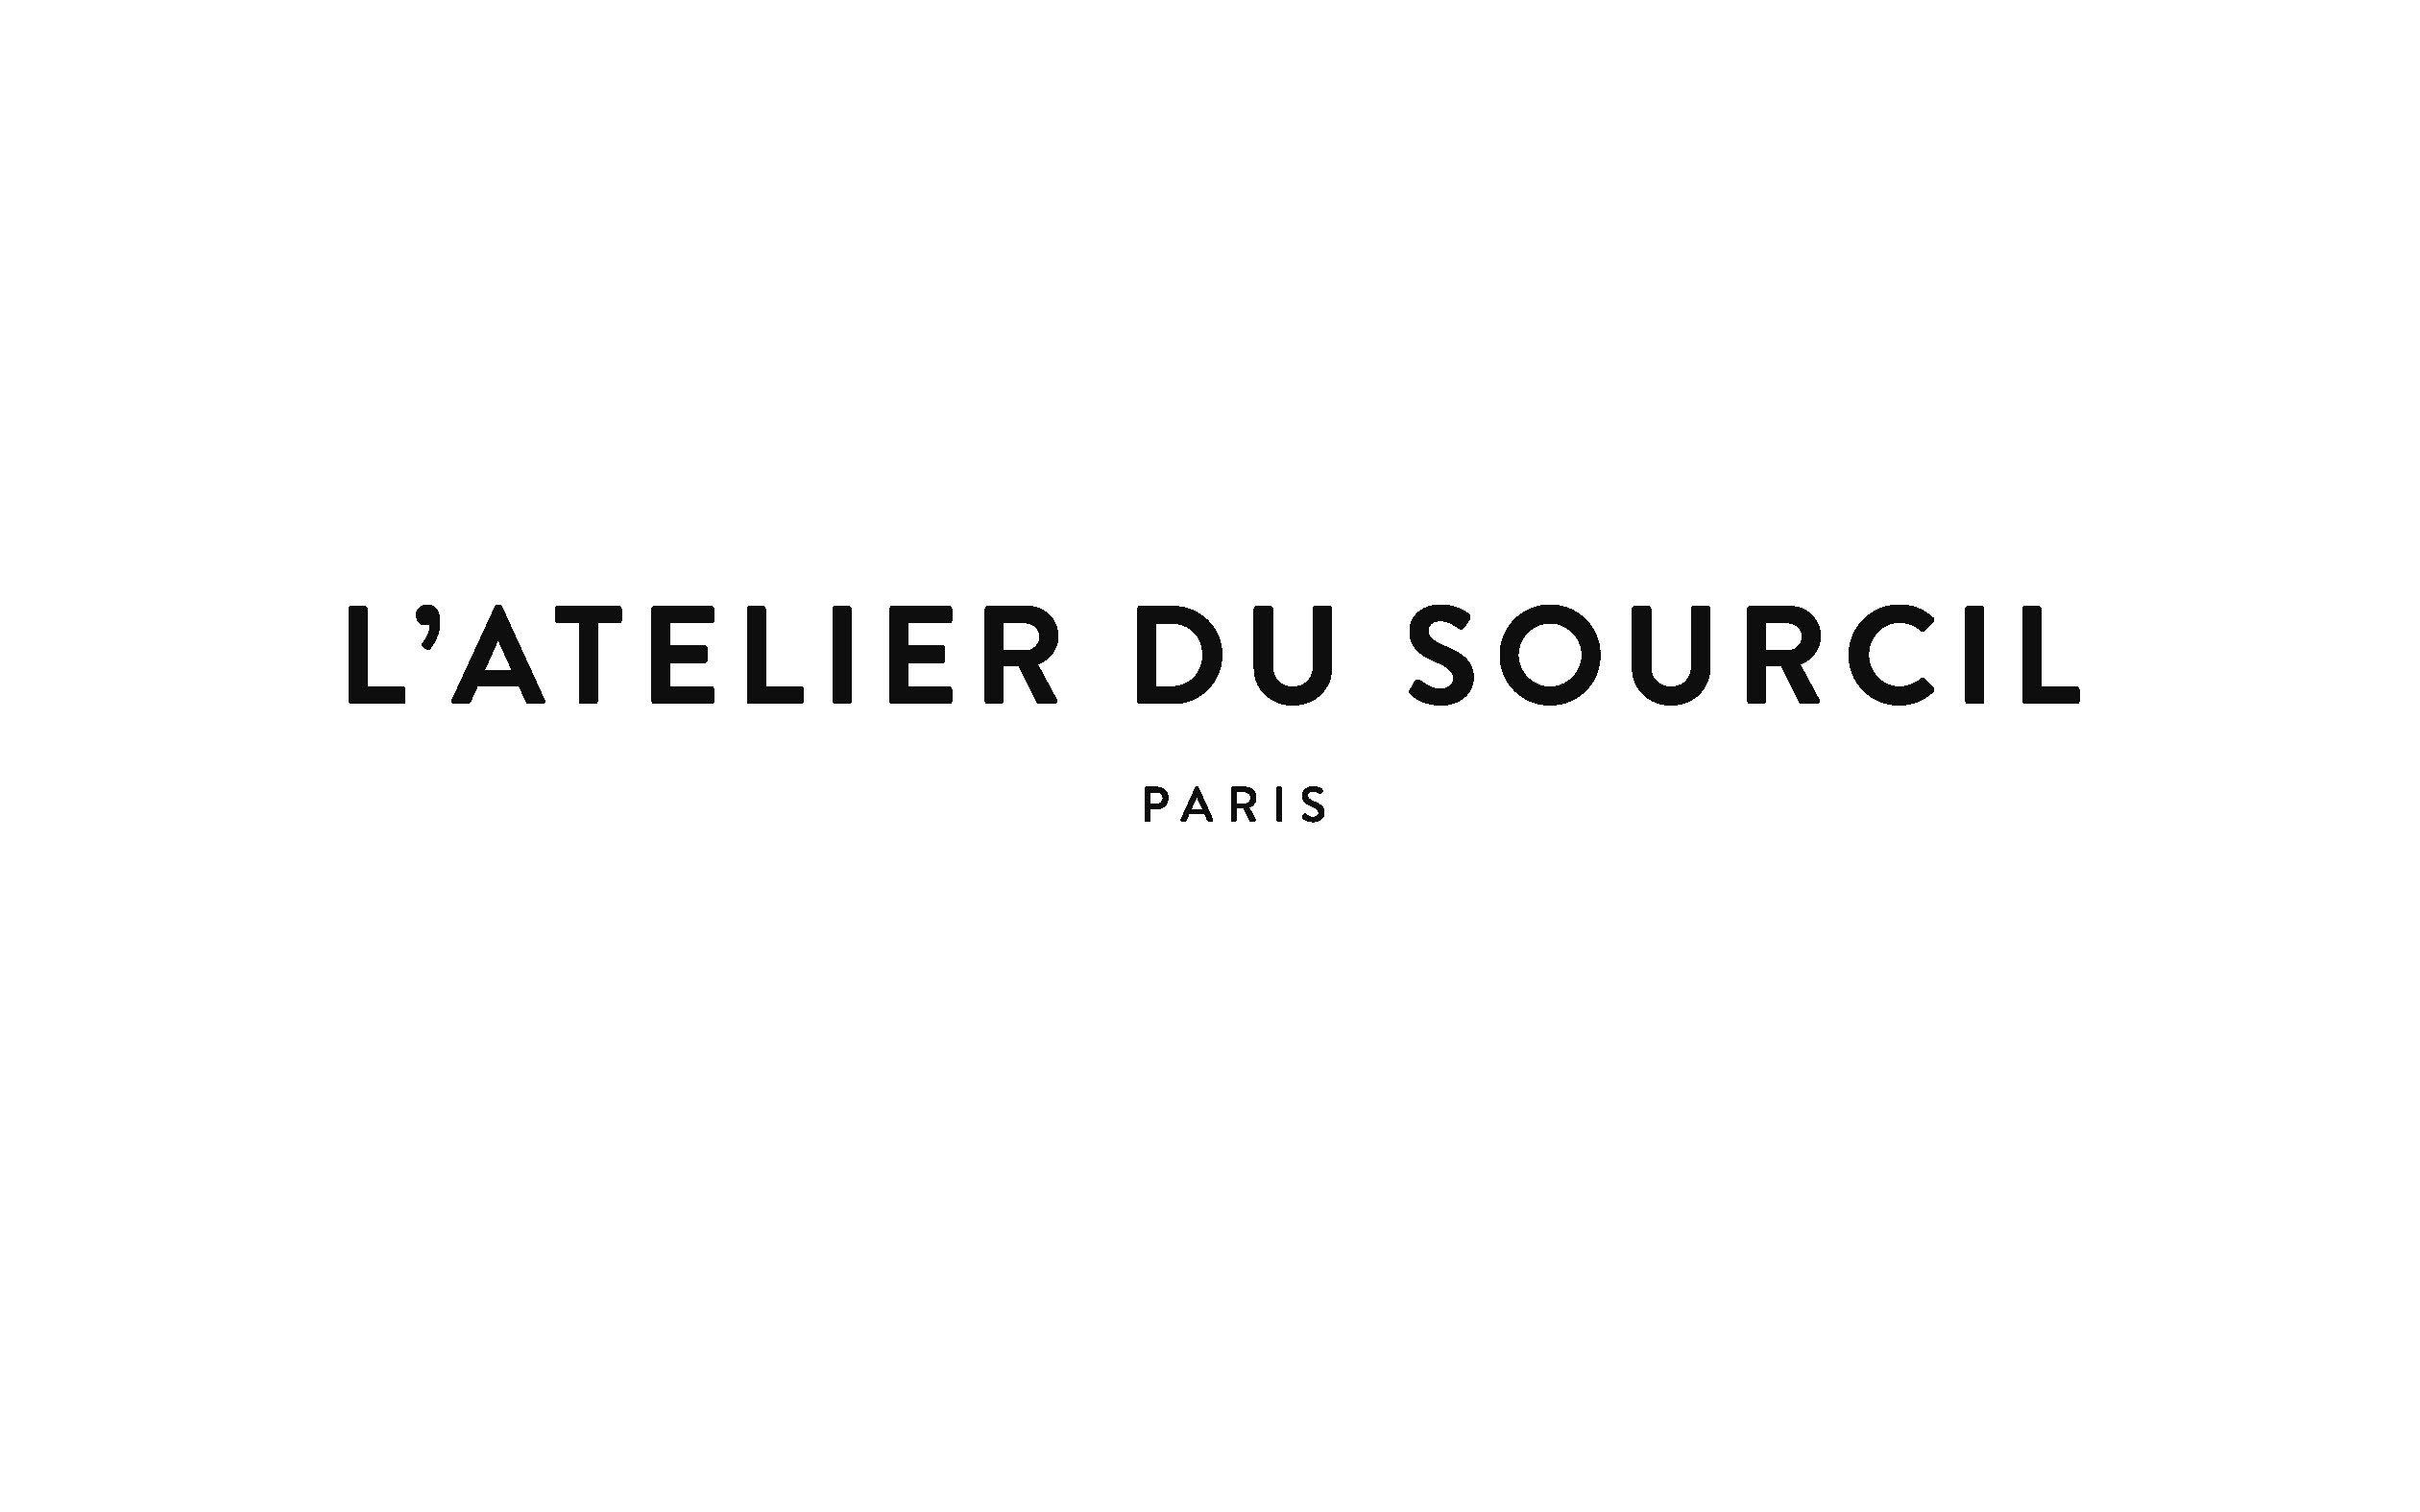 L'Atelier du Sourcil - Paris 8 Logo